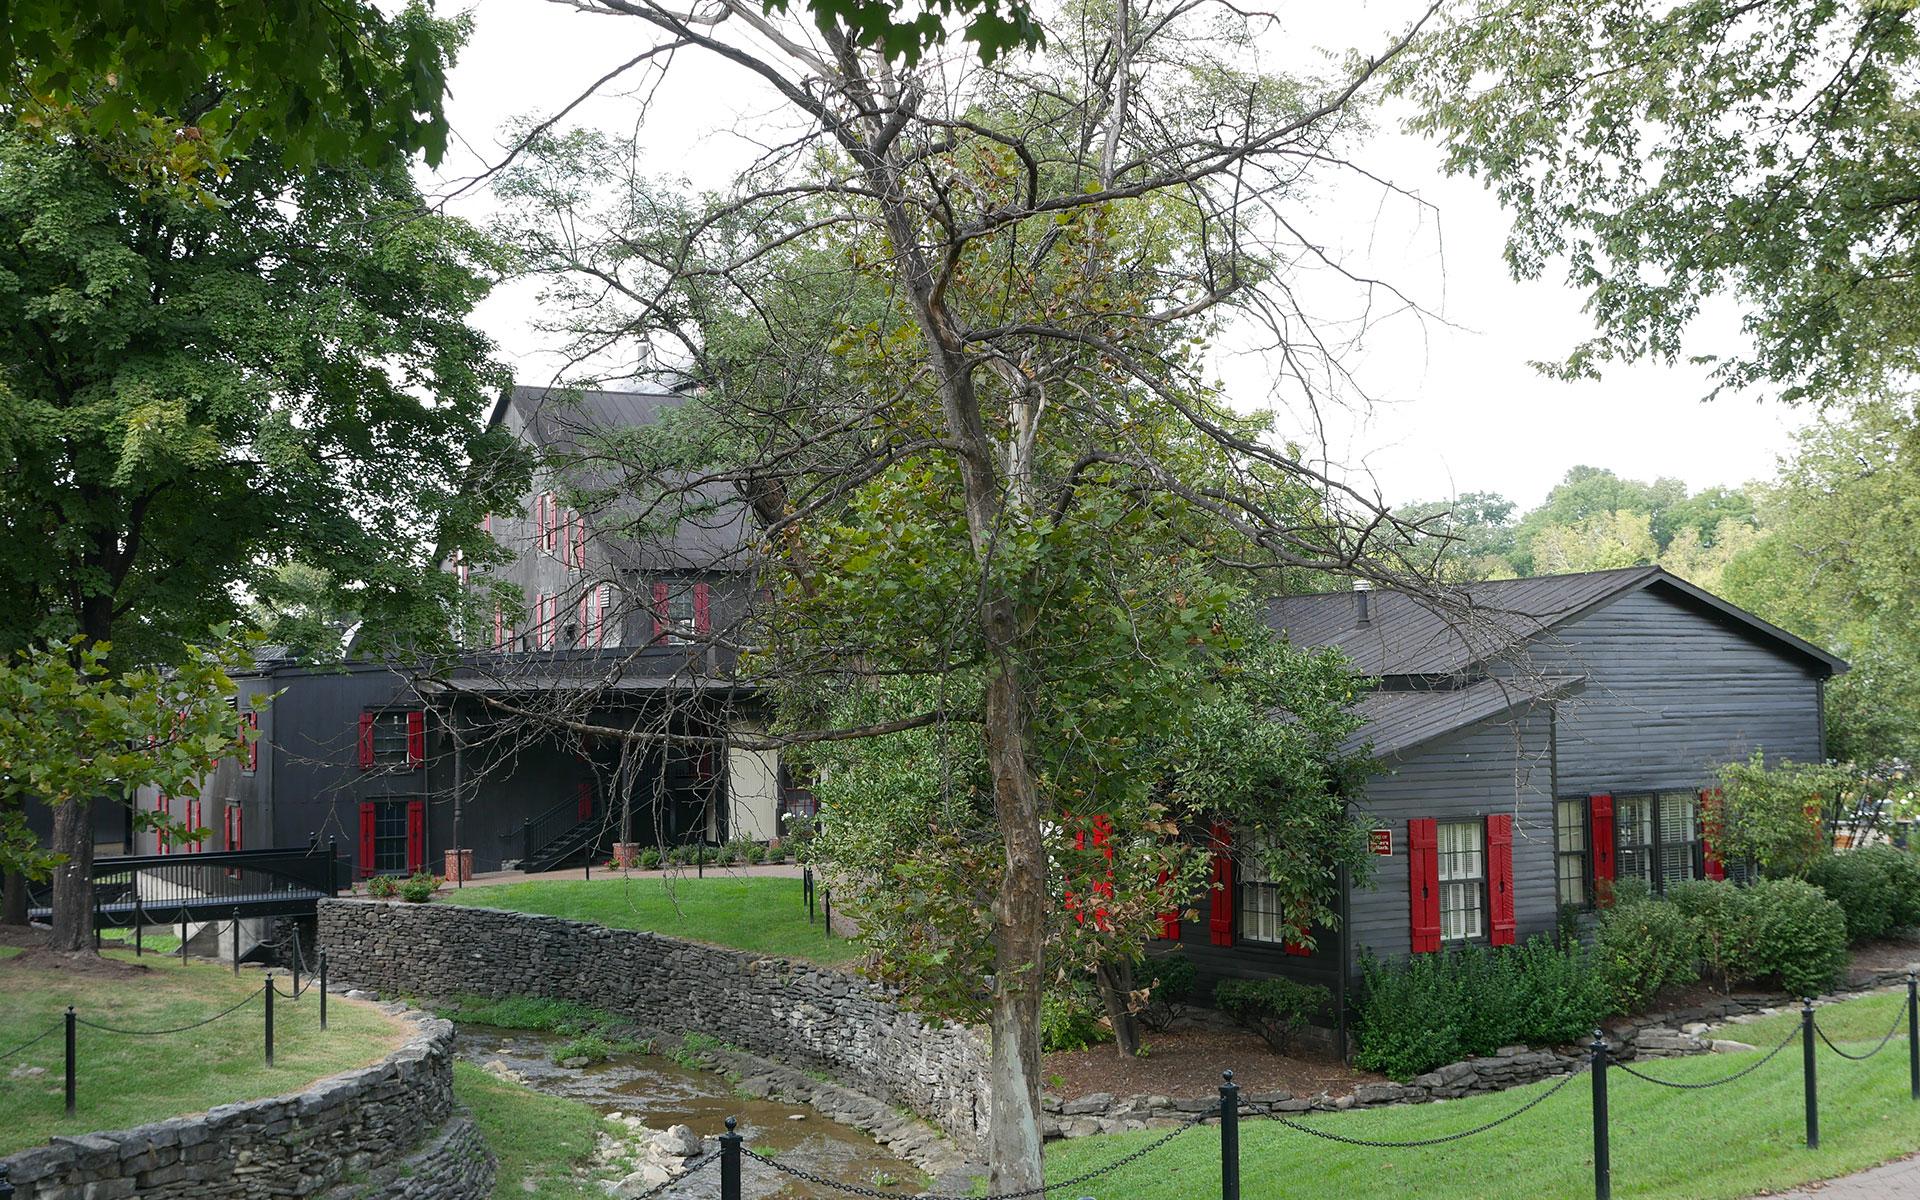 Malerische Lage in der grünen Landschaft von Kentucky: Die Maker's Mark Destillerie (Foto: Malt Whisky)